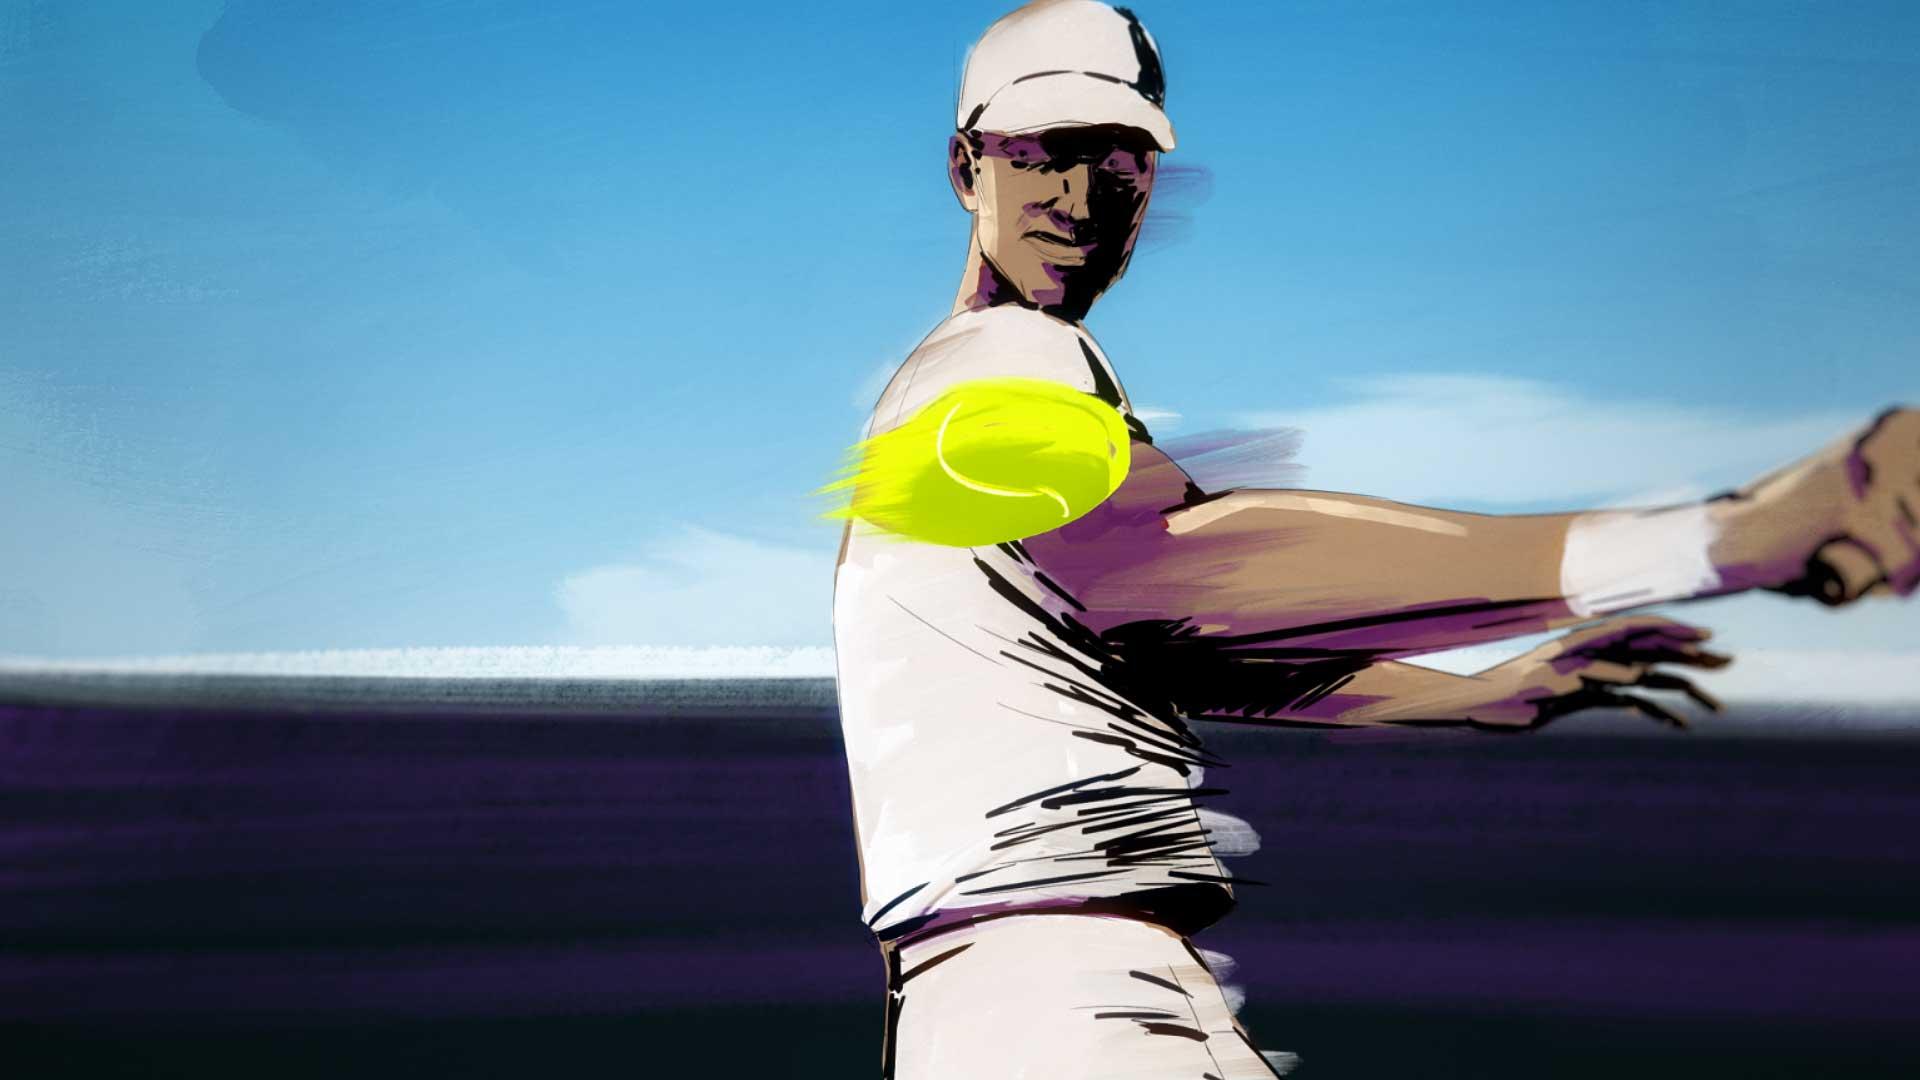 Wimbledon2019_EVAN_30s_25fps_v4g.jpg